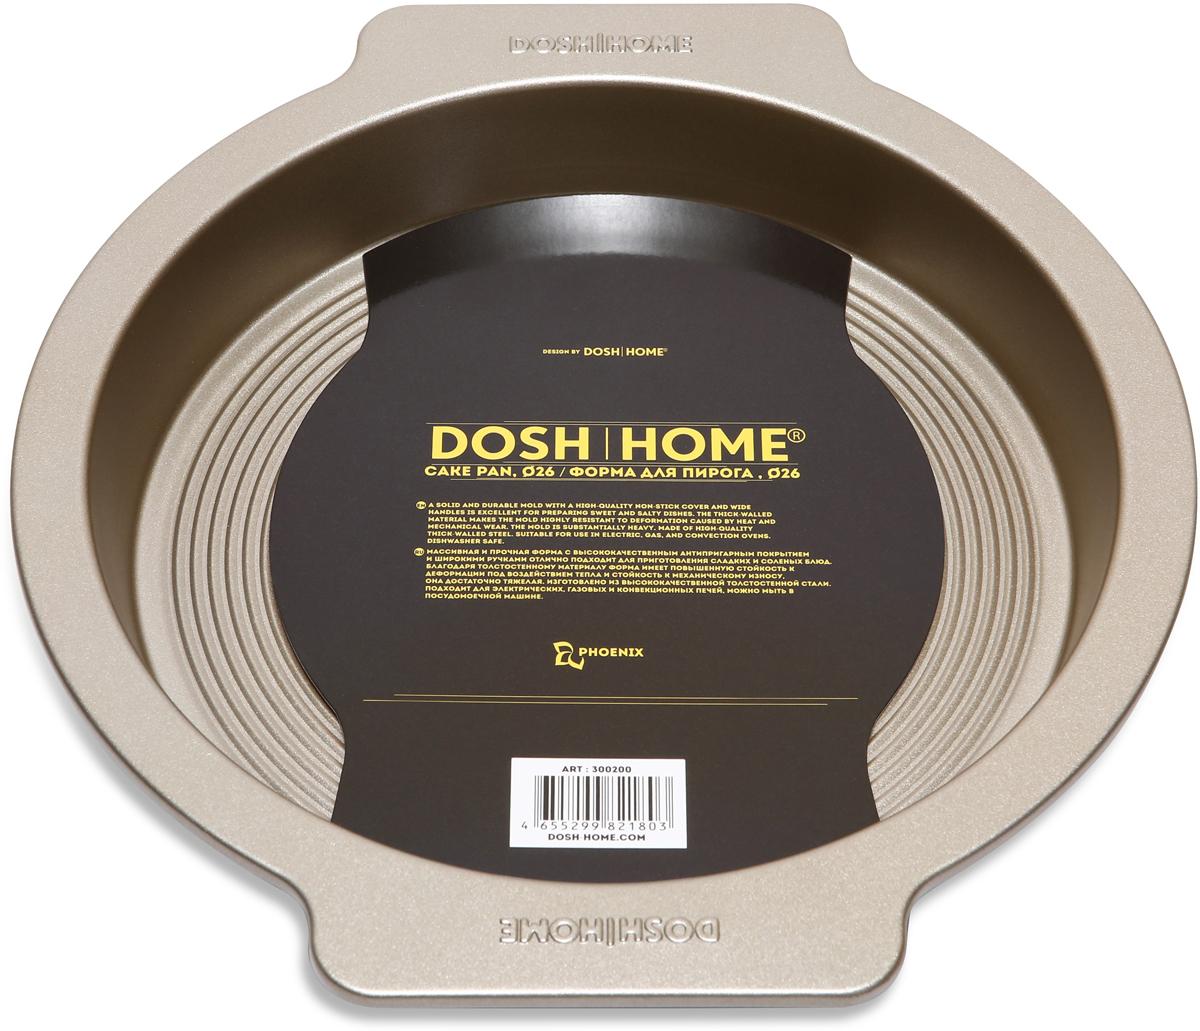 """Массивная и прочная форма """"Dosh Home"""" с высококачественным антипригарным покрытием и широкими ручками отлично подходит для приготовления сладких и соленых блюд. Благодаря толстостенному материалу форма имеет повышенную стойкость к деформации под воздействием тепла и стойкость к механическому износу, она достаточно тяжелая. Изготовлено из высококачественной толстостенной стали. Подходит для электрических, газовых и конвекционных печей, можно мыть в посудомоечной машине."""